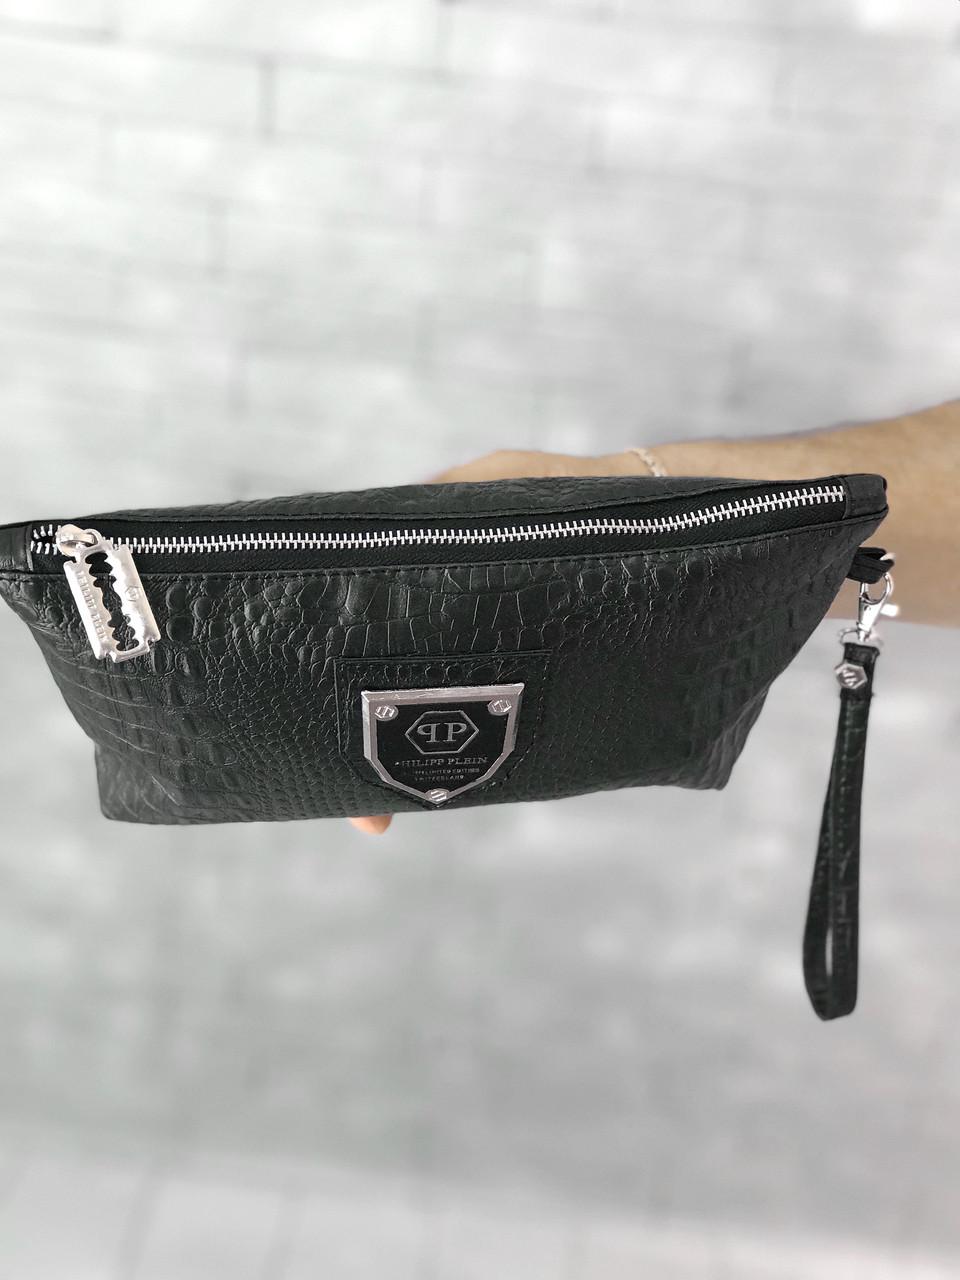 b17a4f2a2a18 Барсетка-клатч Philipp Plein D1672 черная - купить по лучшей цене ...